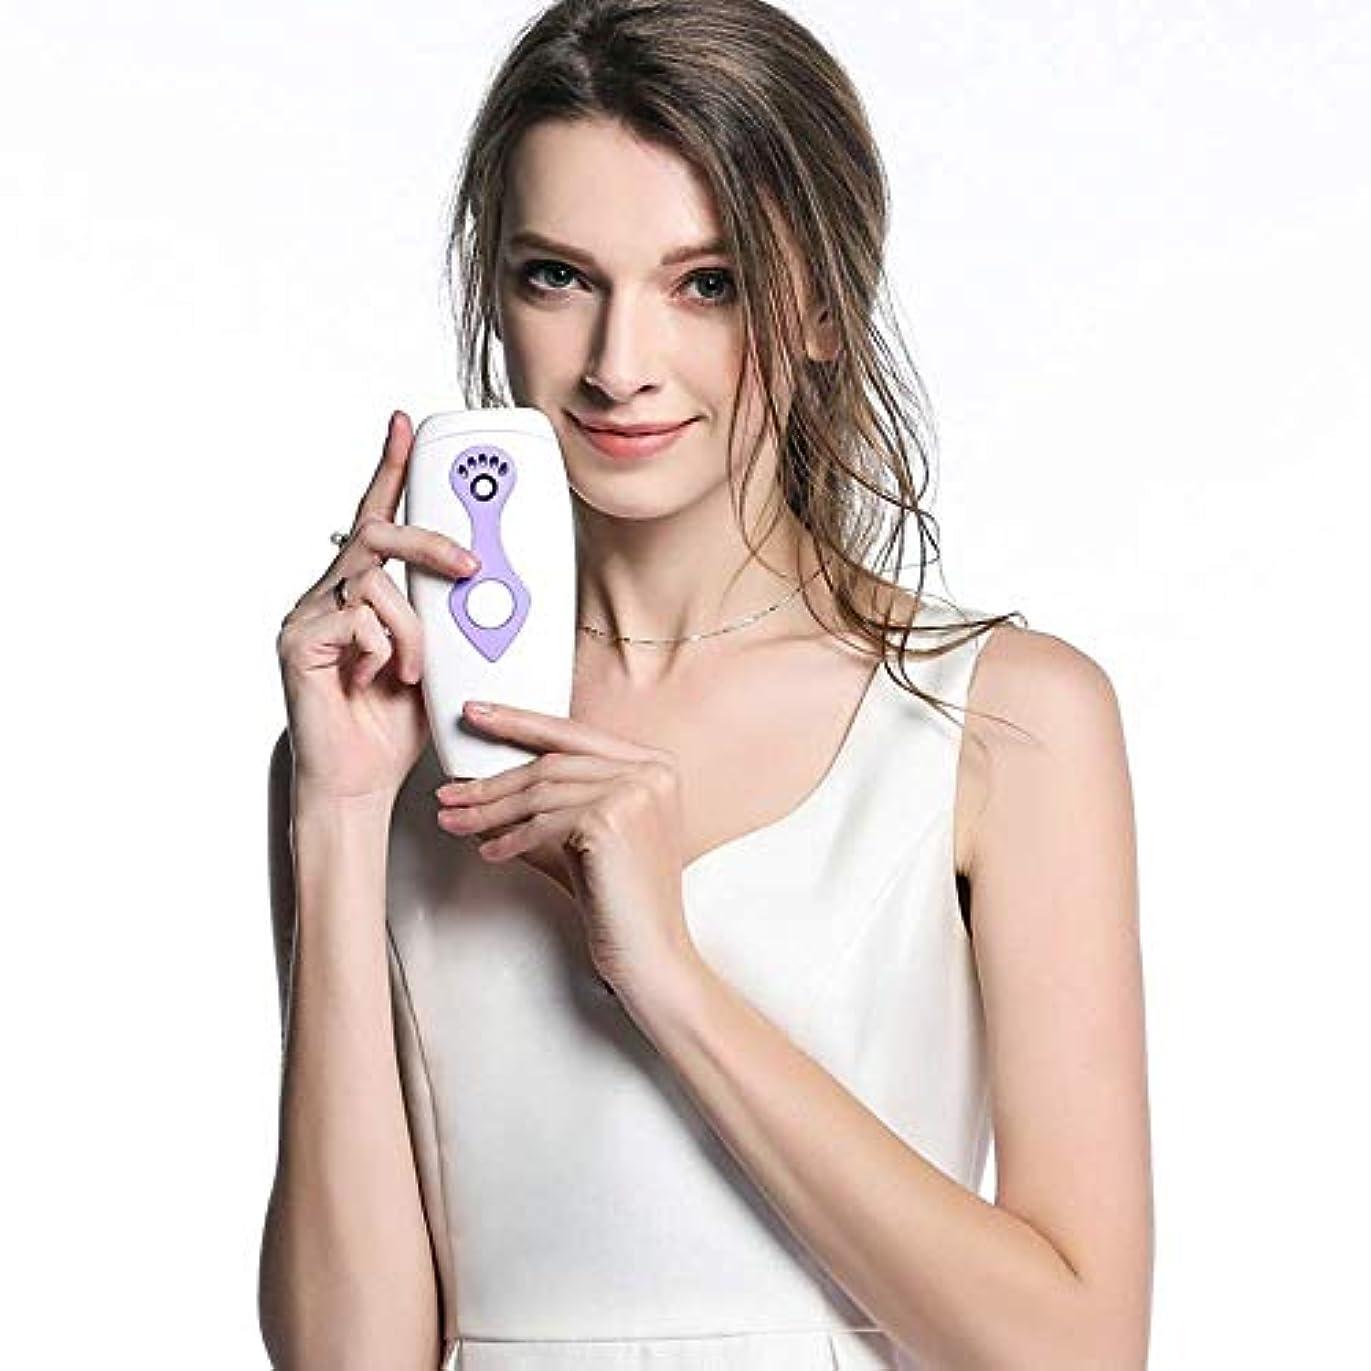 ミット省略する肺Trliy- 電気レーザー脱毛器、女性および男性のための携帯用痛みのないシェーバーの永久的な毛の取り外しの器械を満たすIPL光子